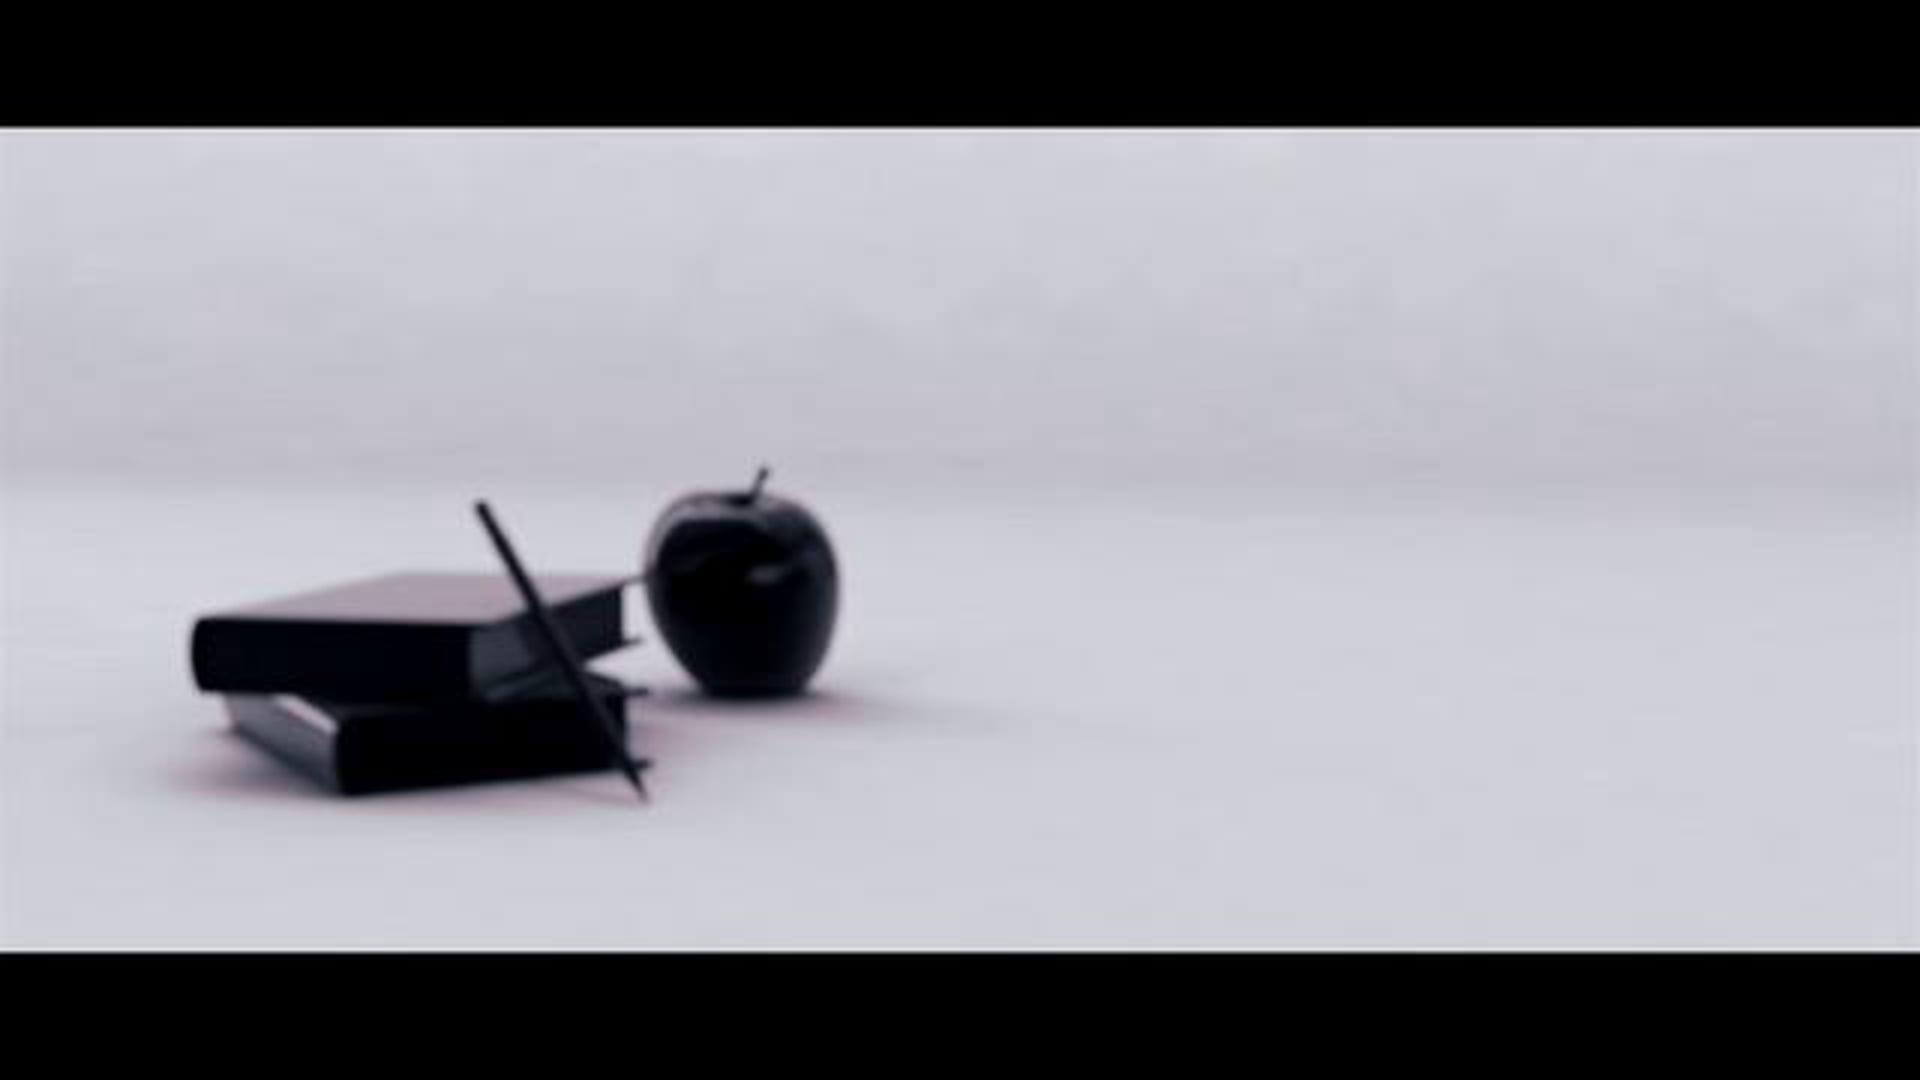 Estallido - UnSueñoPosible - Spot Campaña